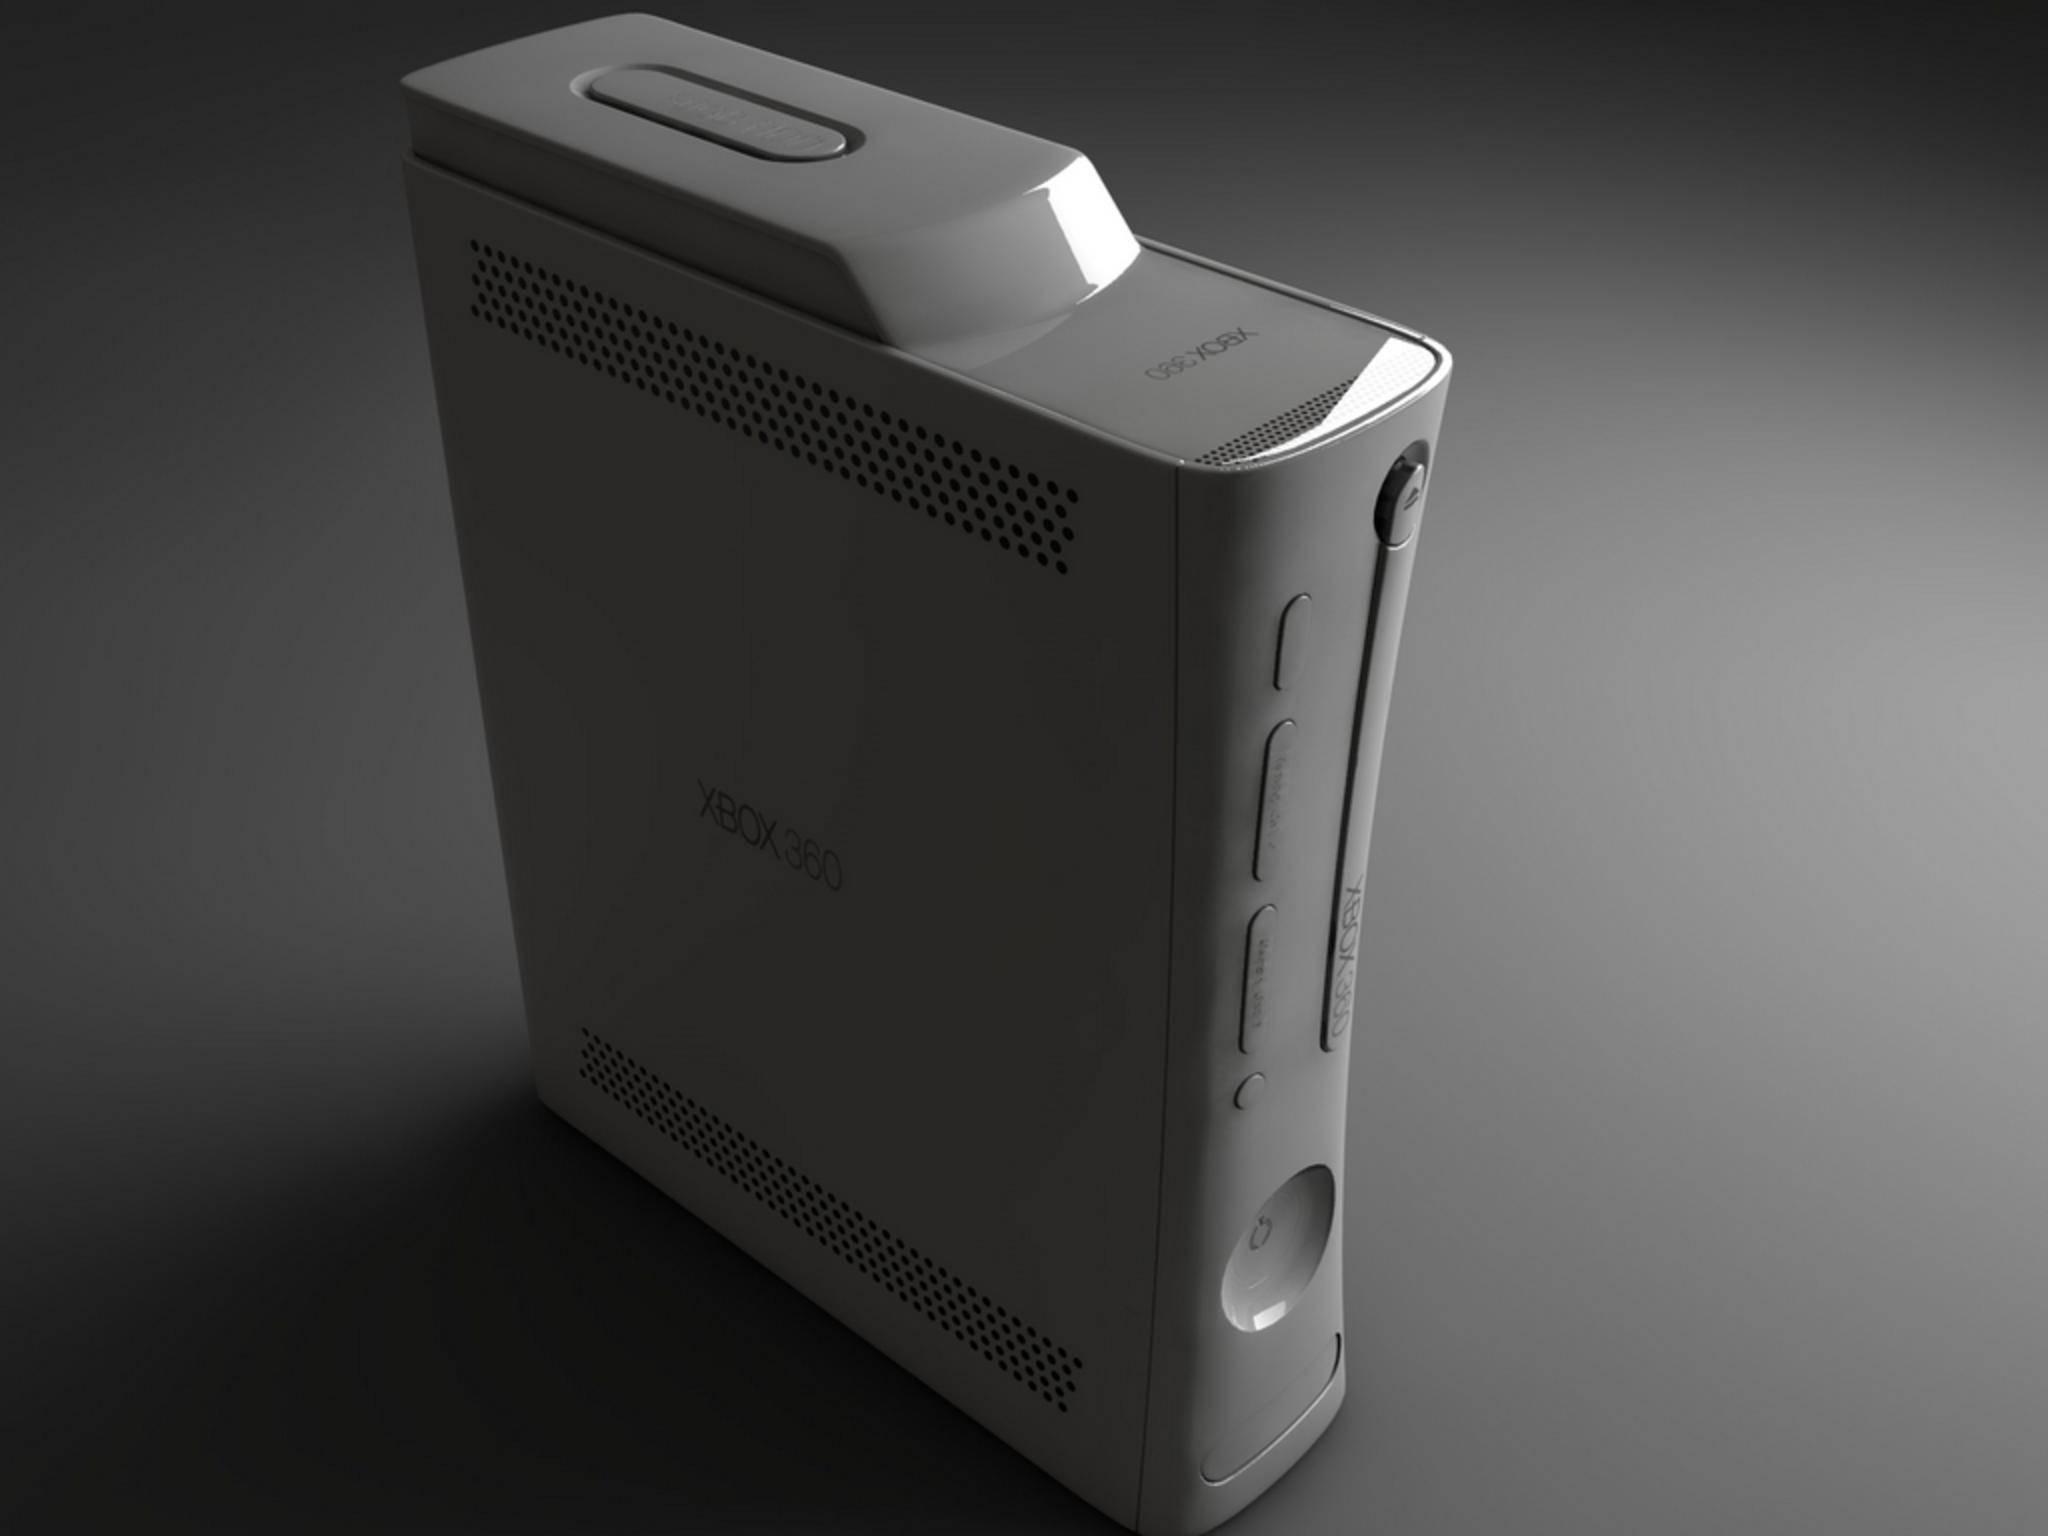 Microsoft schickt die Xbox 360 in den Ruhestand.